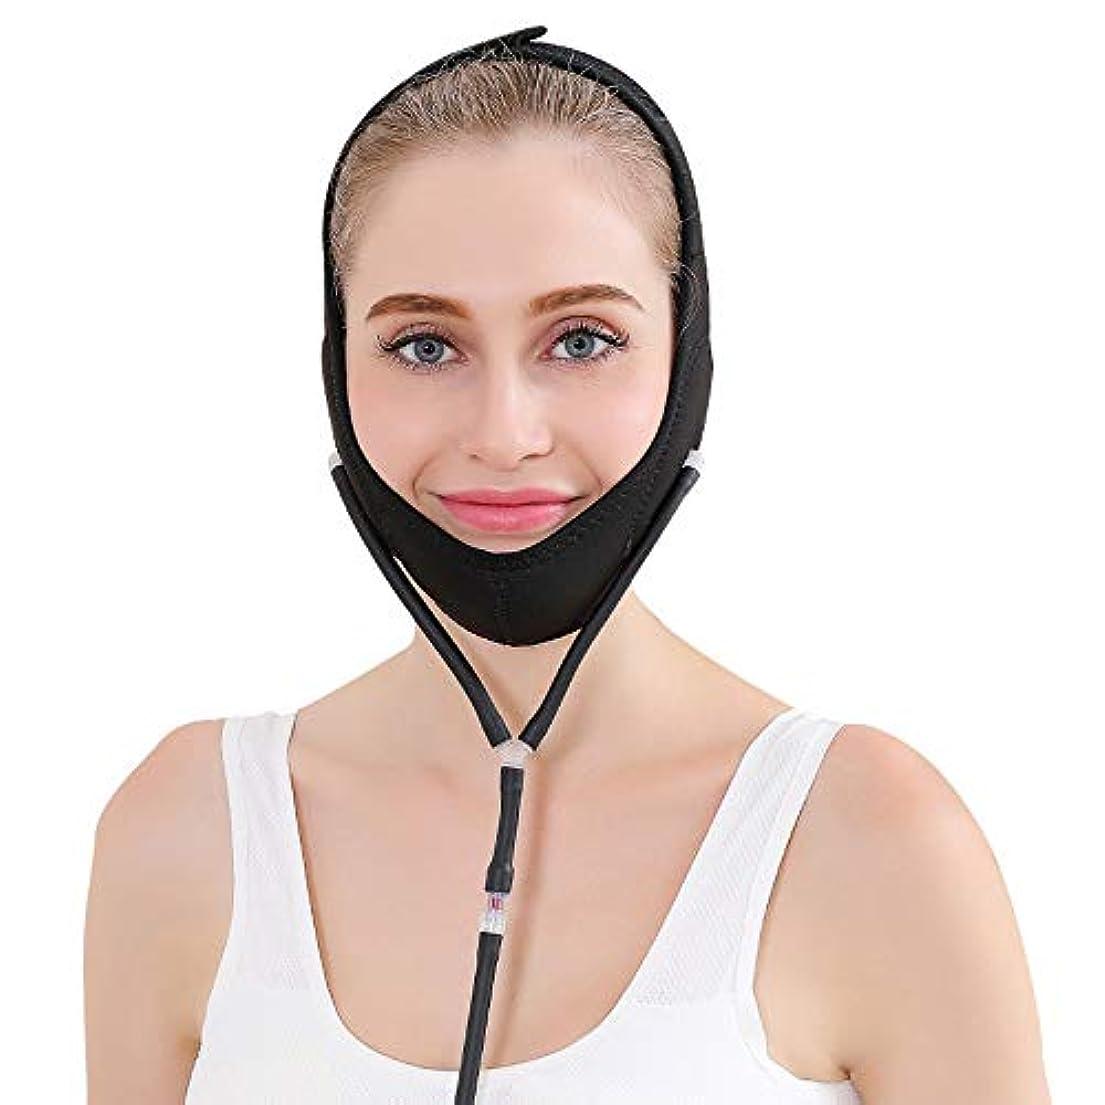 ために検査官天YOE(ヨイ) エアー 顔やせ マスク 小顔 ほうれい線 空気入れ エアーポンプ 顔のエクササイズ フェイスリフト レディース (フリーサイズ, ブラック)